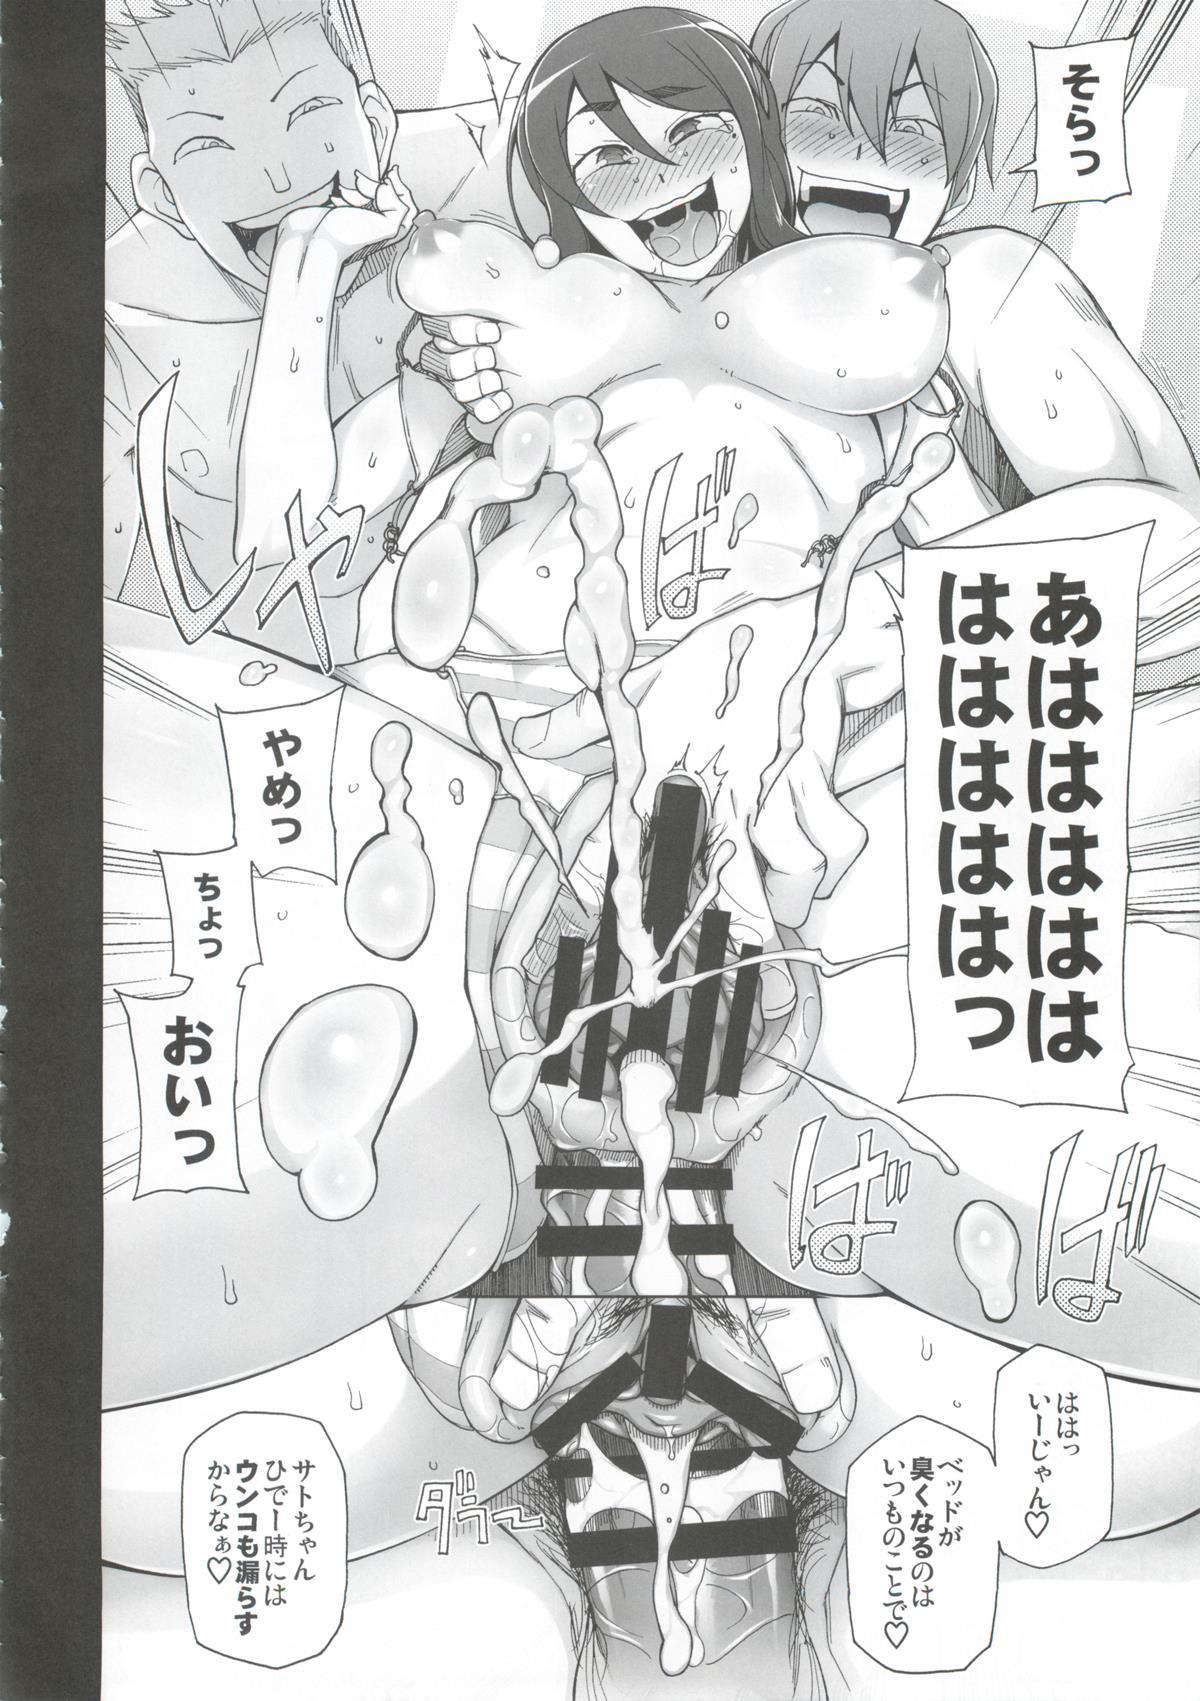 【エロ漫画・エロ同人】有名芸能人だけど元AV女優な巨乳娘がセックス三昧な件wwwwwwwwwwwww (23)